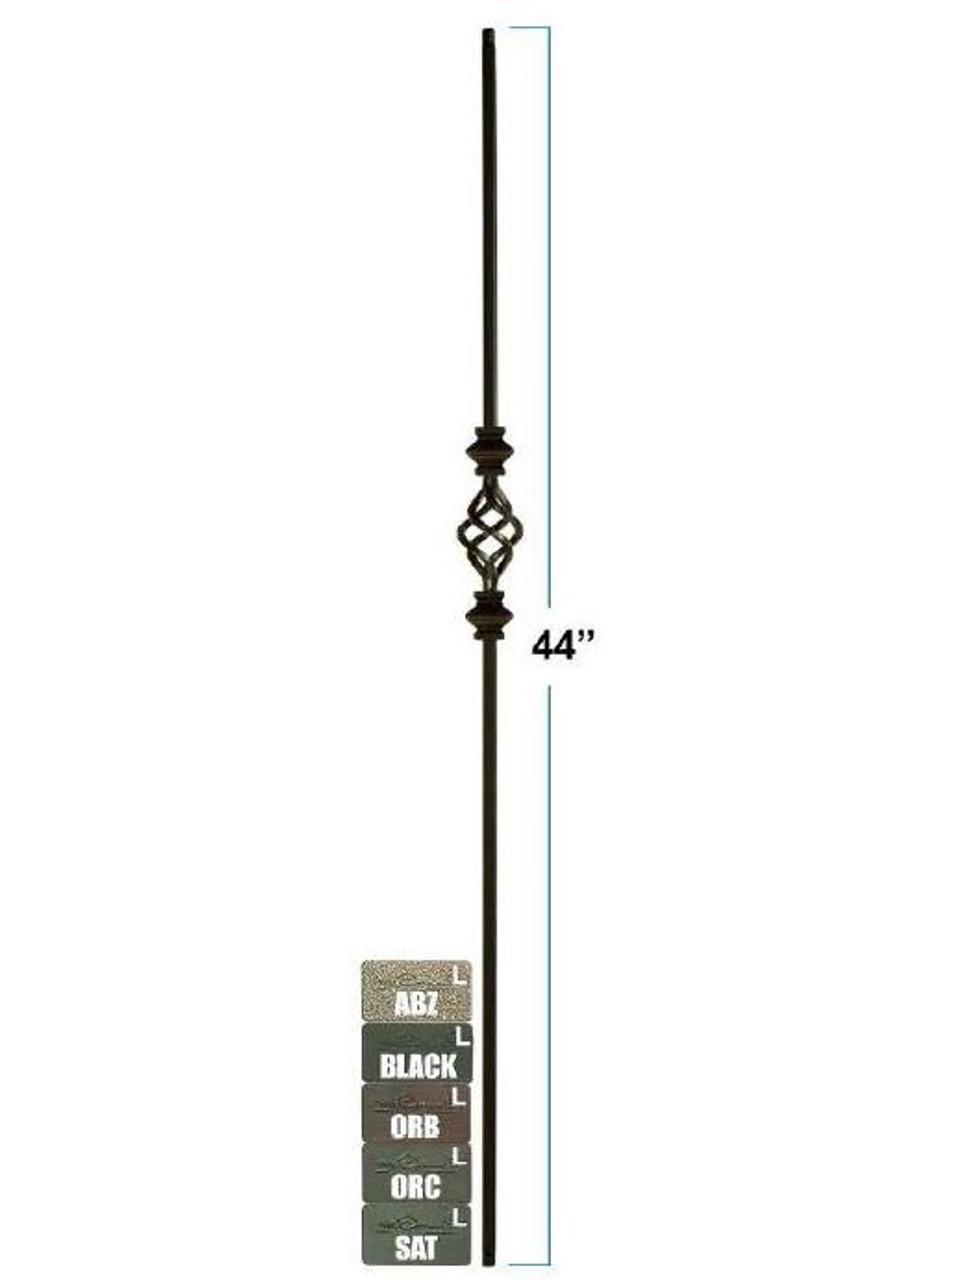 2558-LT Lite Versatile Single Basket with Double Knuckles Tubular Steel Baluster, 12mm